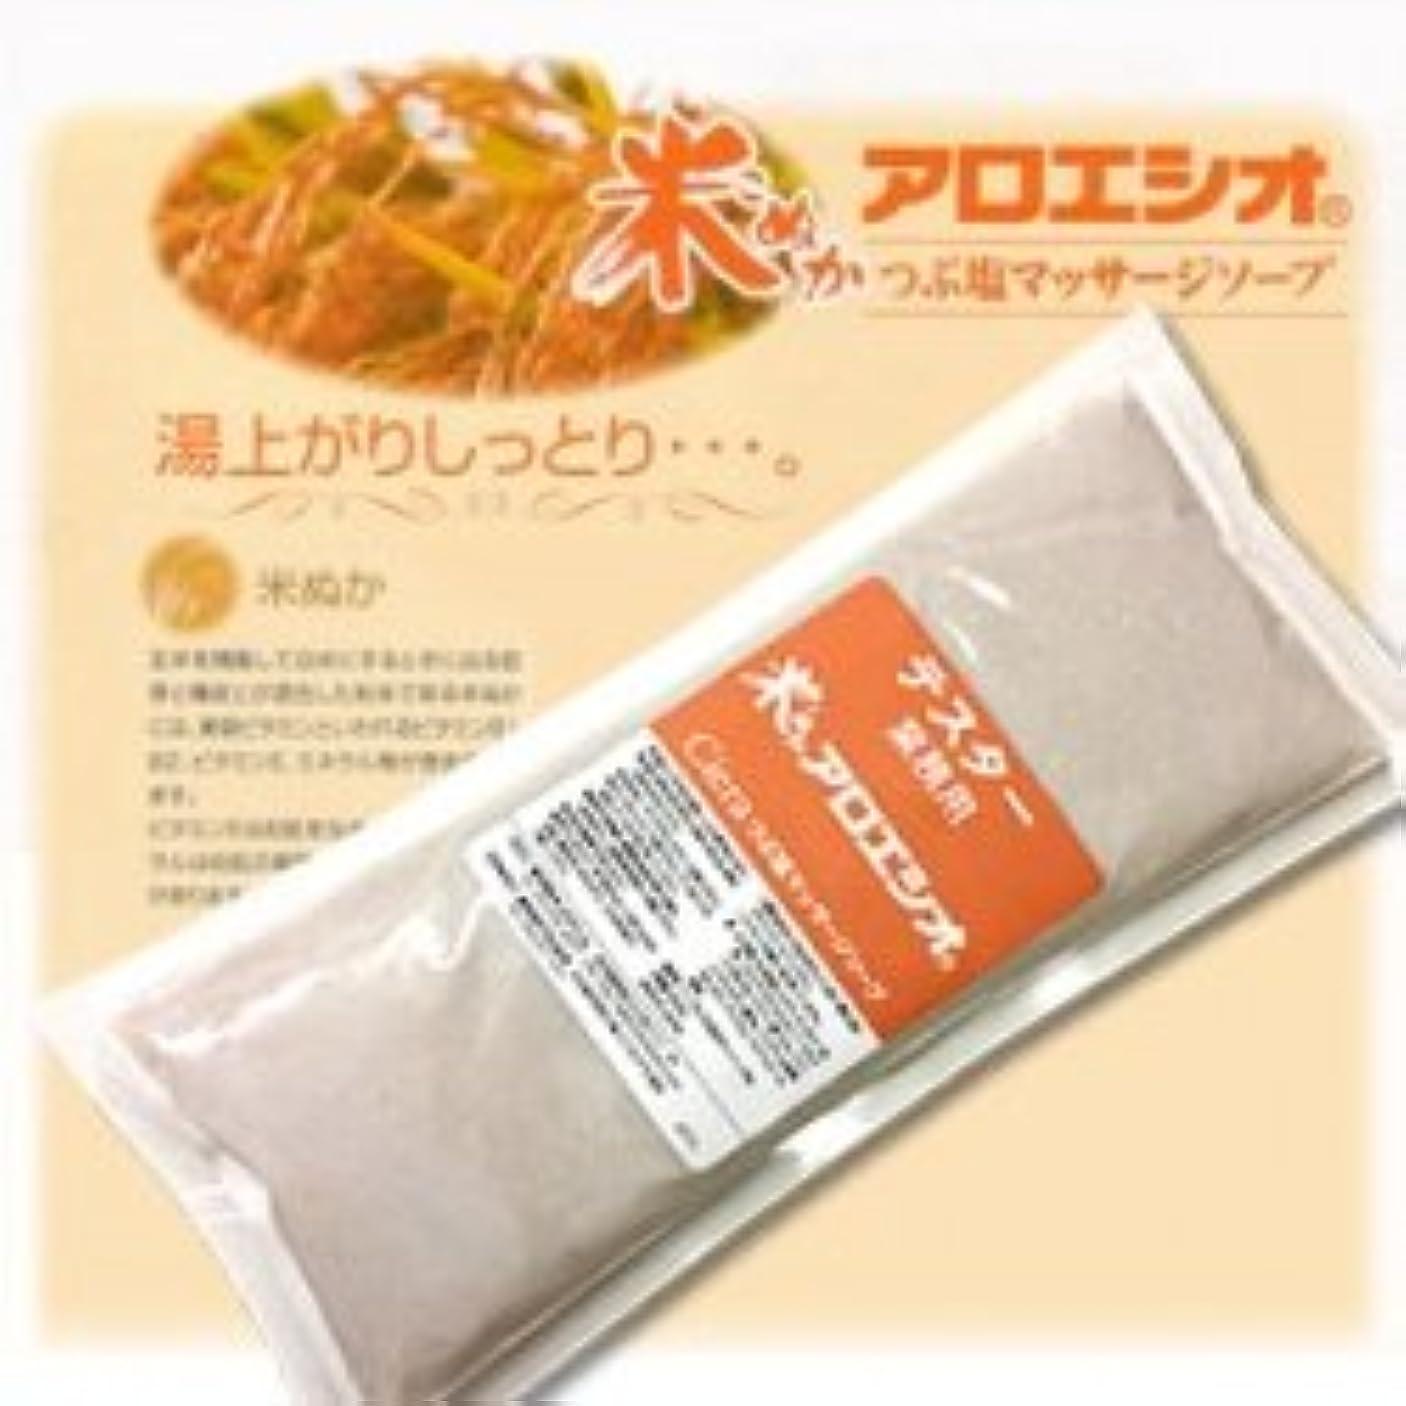 チップ科学的時期尚早業務用米ぬかアロエ塩 800g つぶ塩マッサージソープ/ フタバ化学 アロエシオ Ciera